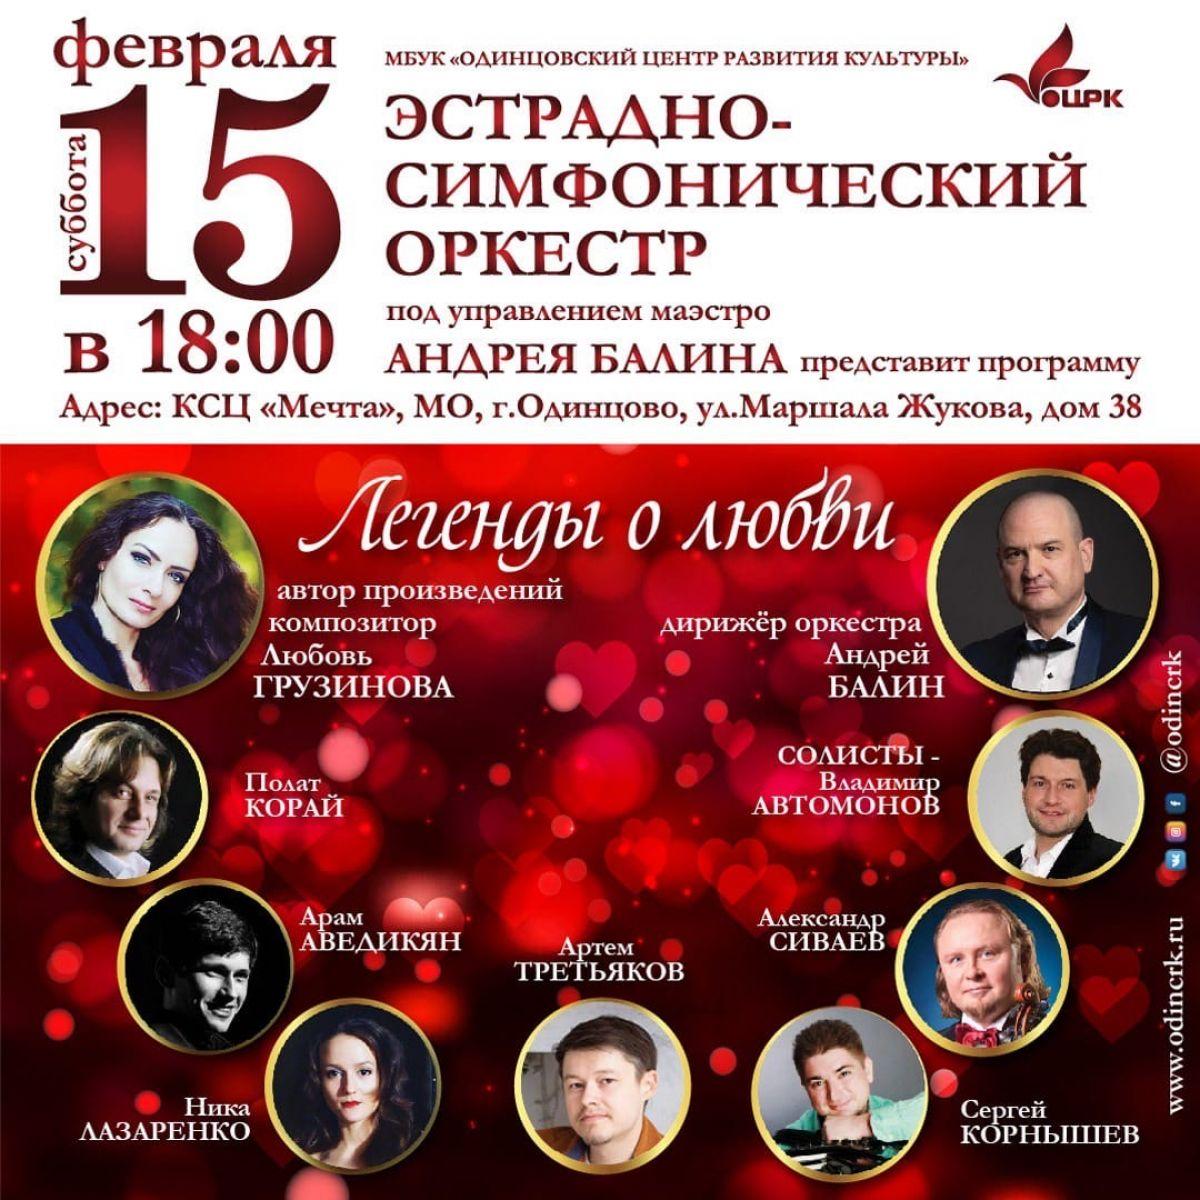 15 февраля состоится концерт Одинцовского оркестра под управлением Андрея Балина